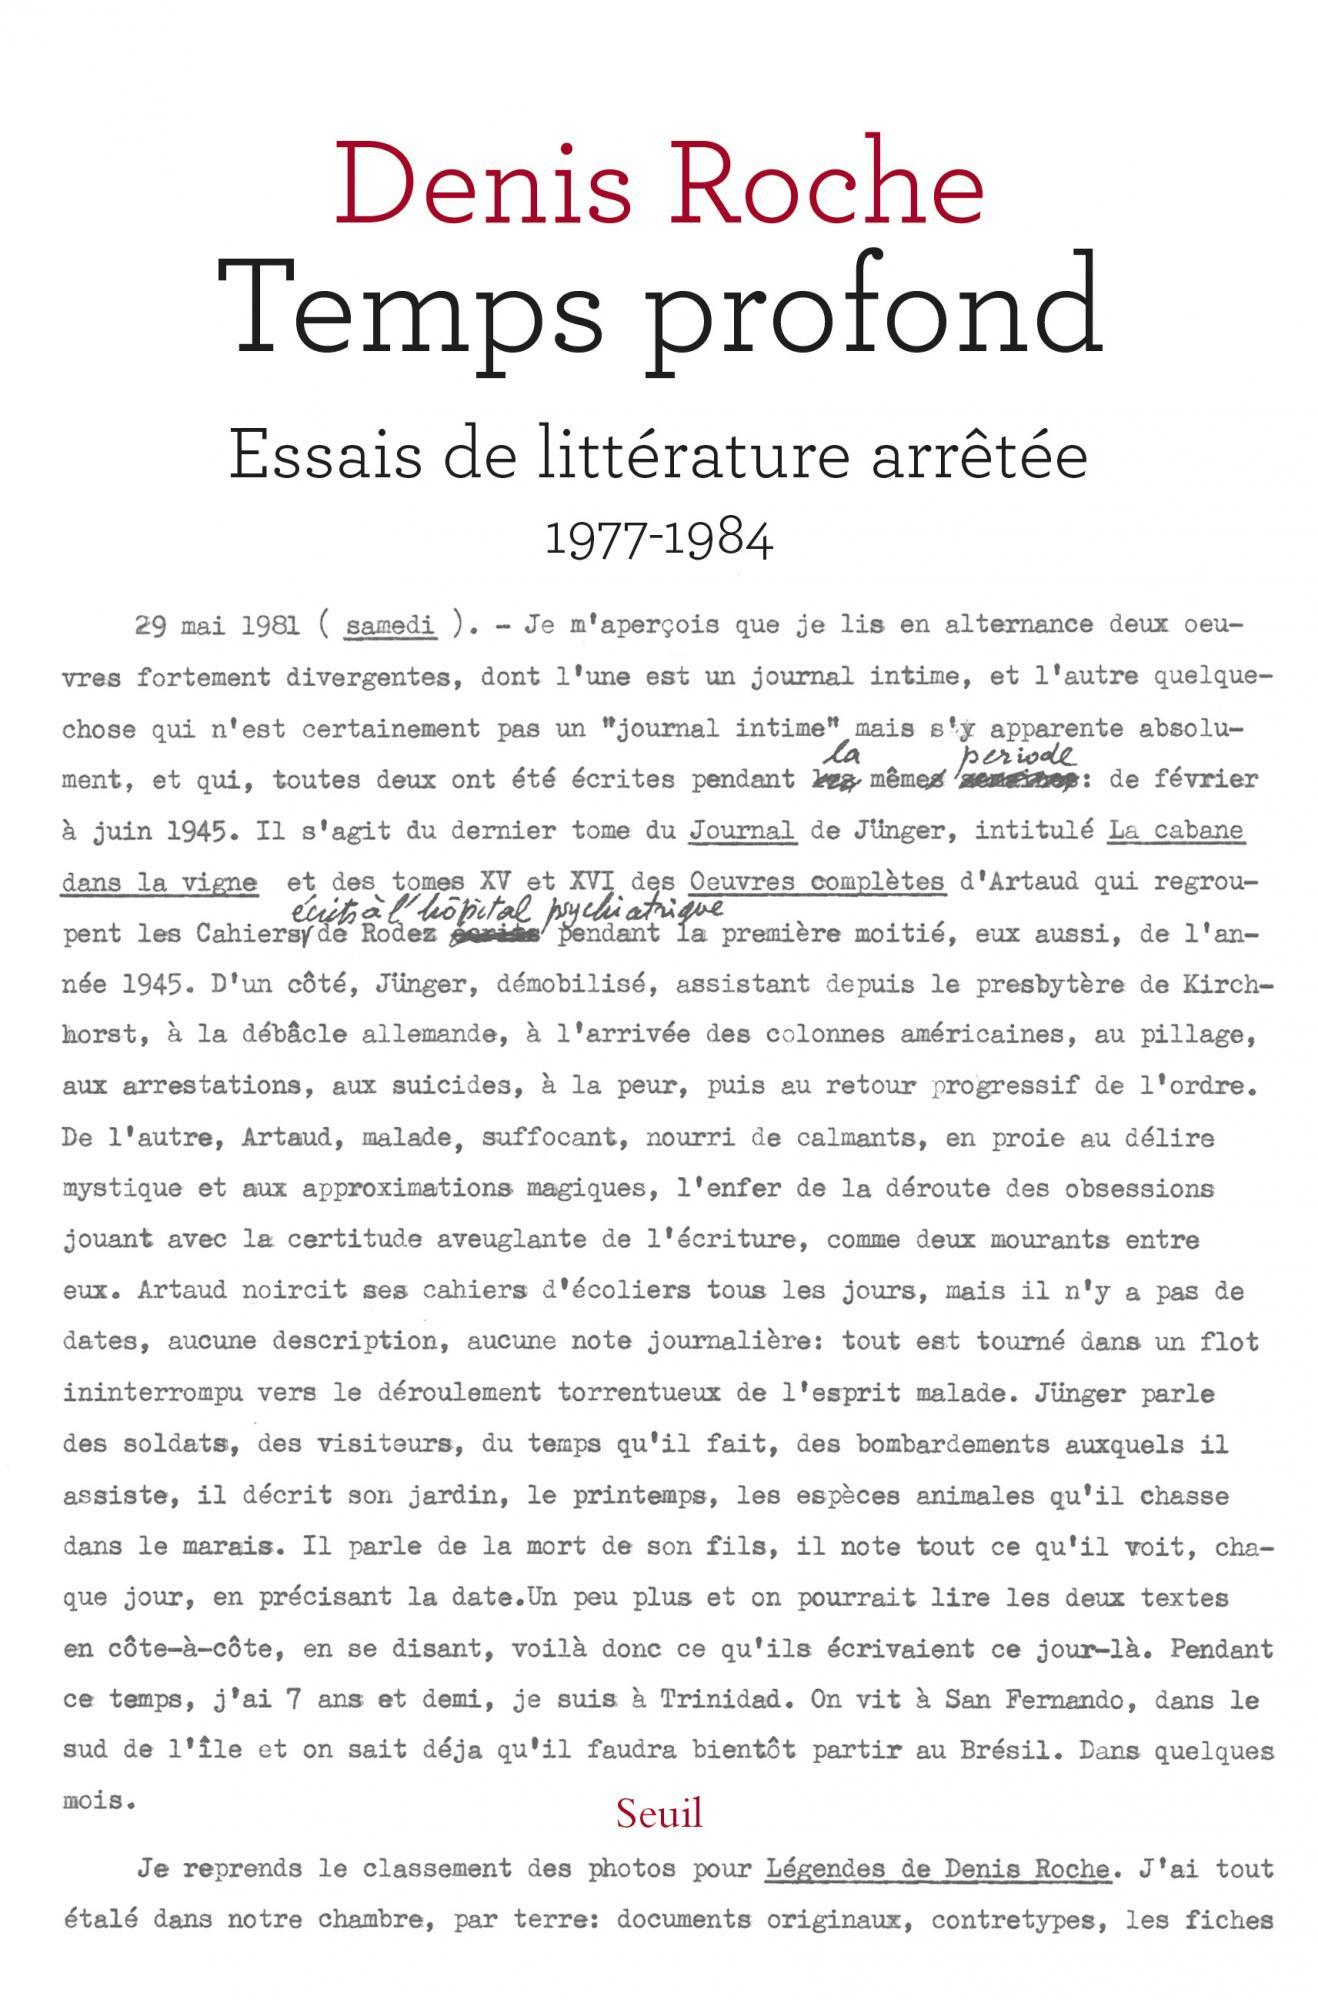 D. Roche, Temps profond. Essais de littérature arrêtée 1977-1984